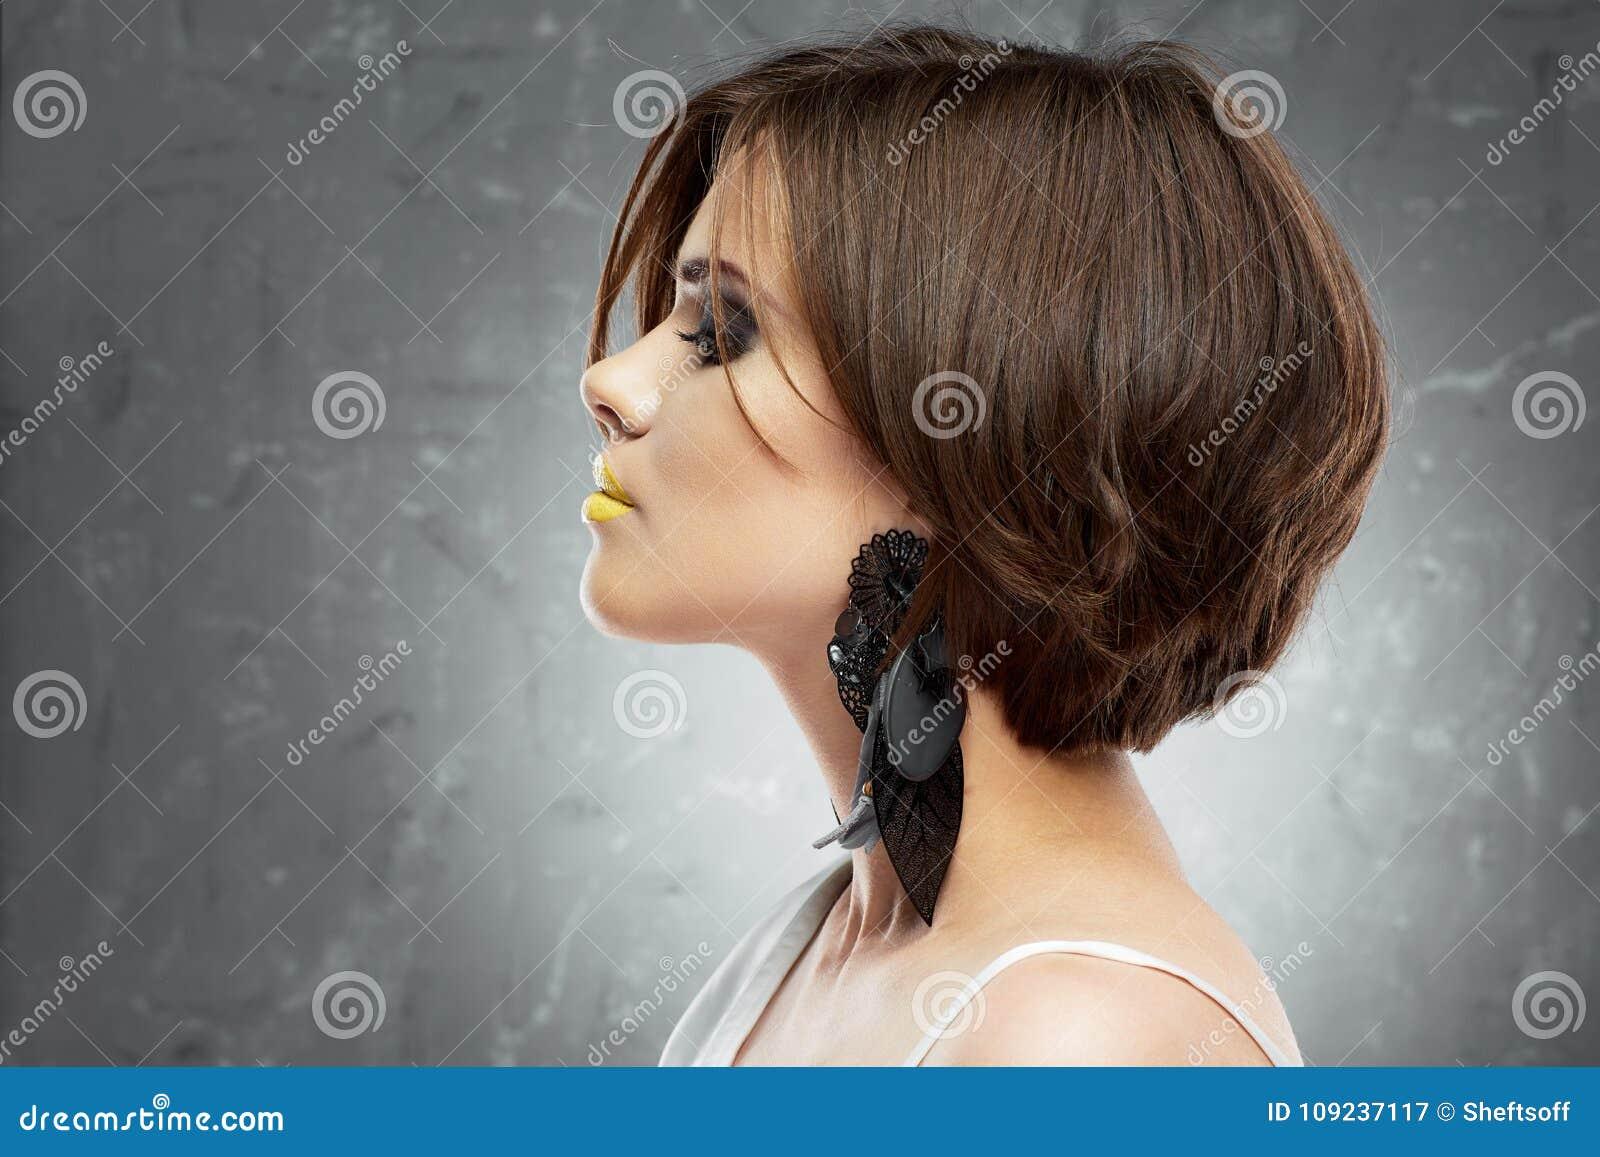 Face Da Mulher Corte De Cabelo Do Prumo Opinião Do Perfil